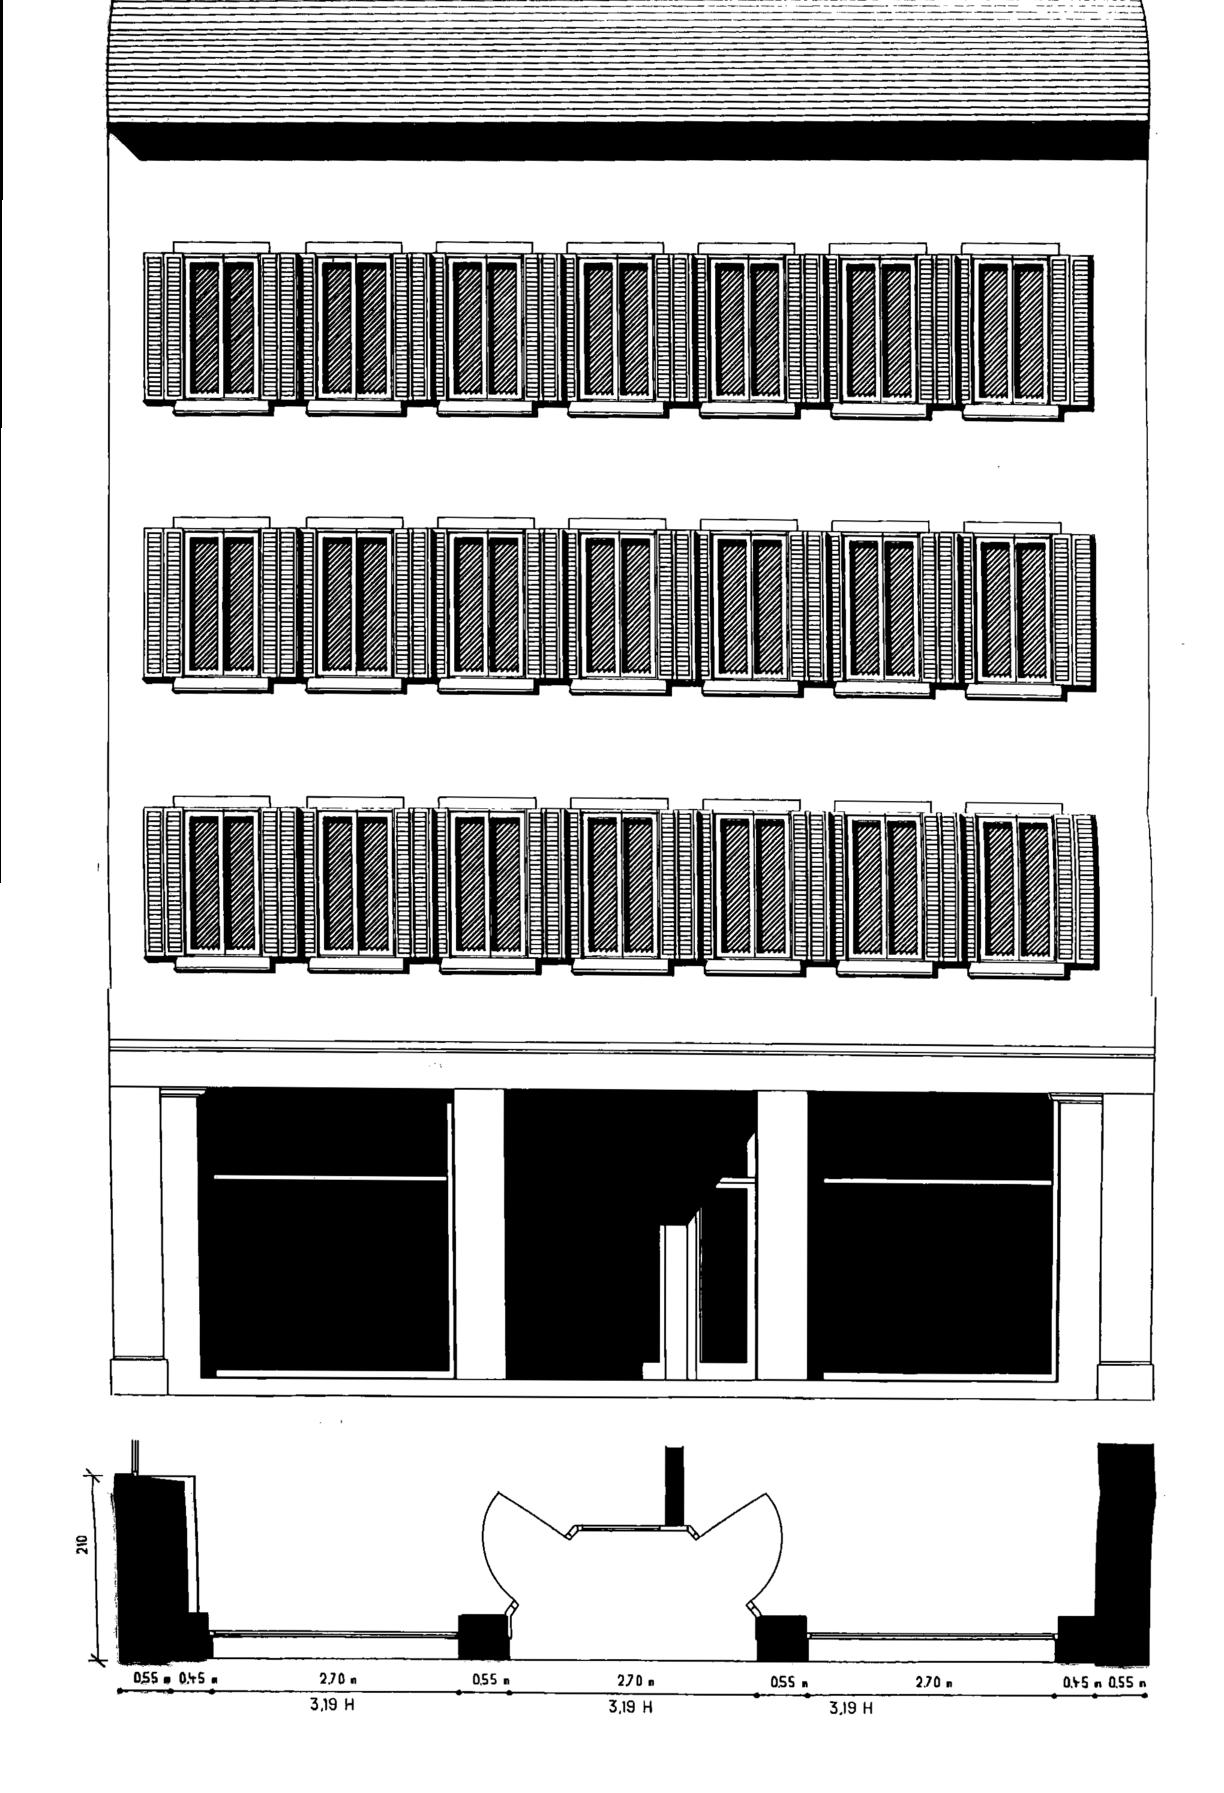 Meubles 3 Fontaines Ittenheim maisons de strasbourg » résultats de recherche » 27 quai des